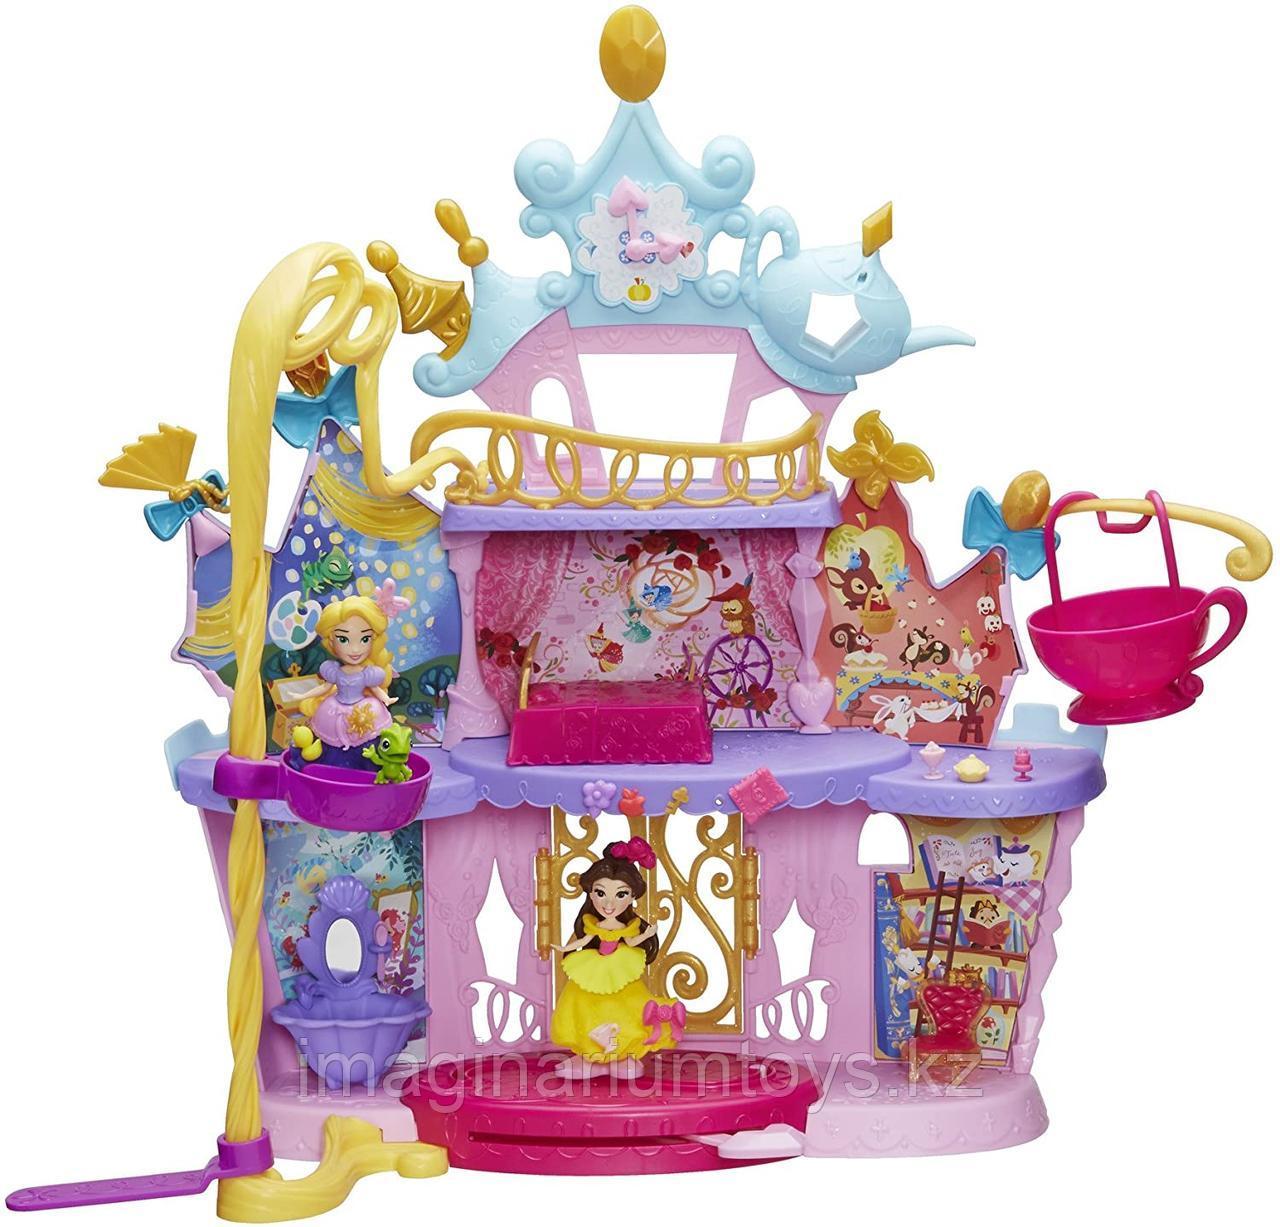 Болшой игровой набор домик-замок для Принцесс Дисней